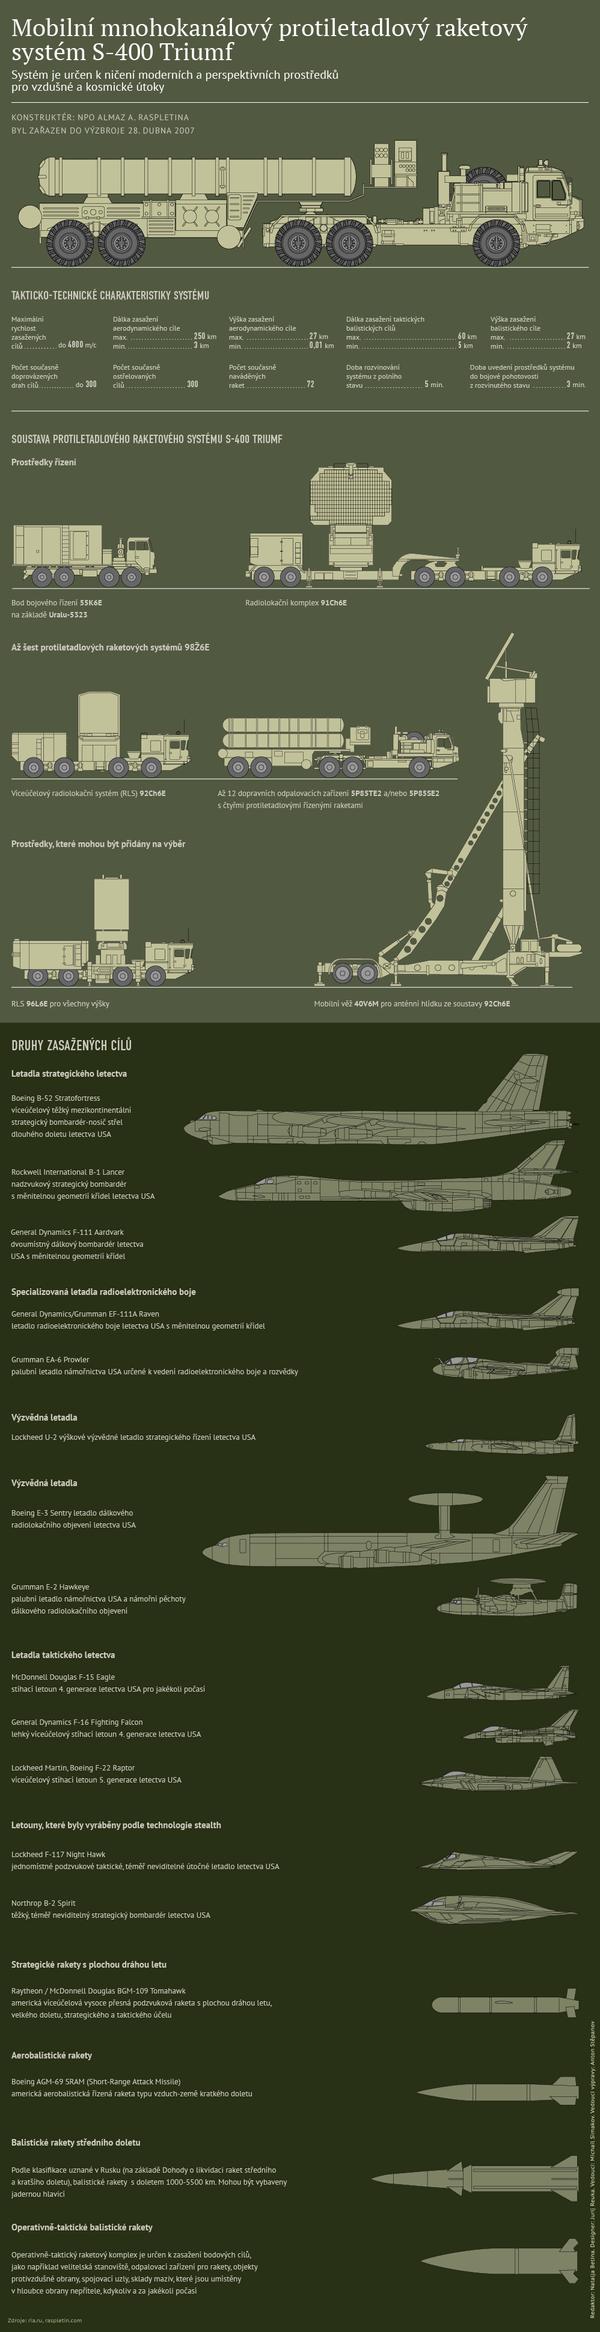 Protiletadlový systém S-400 Triumf - Sputnik Česká republika